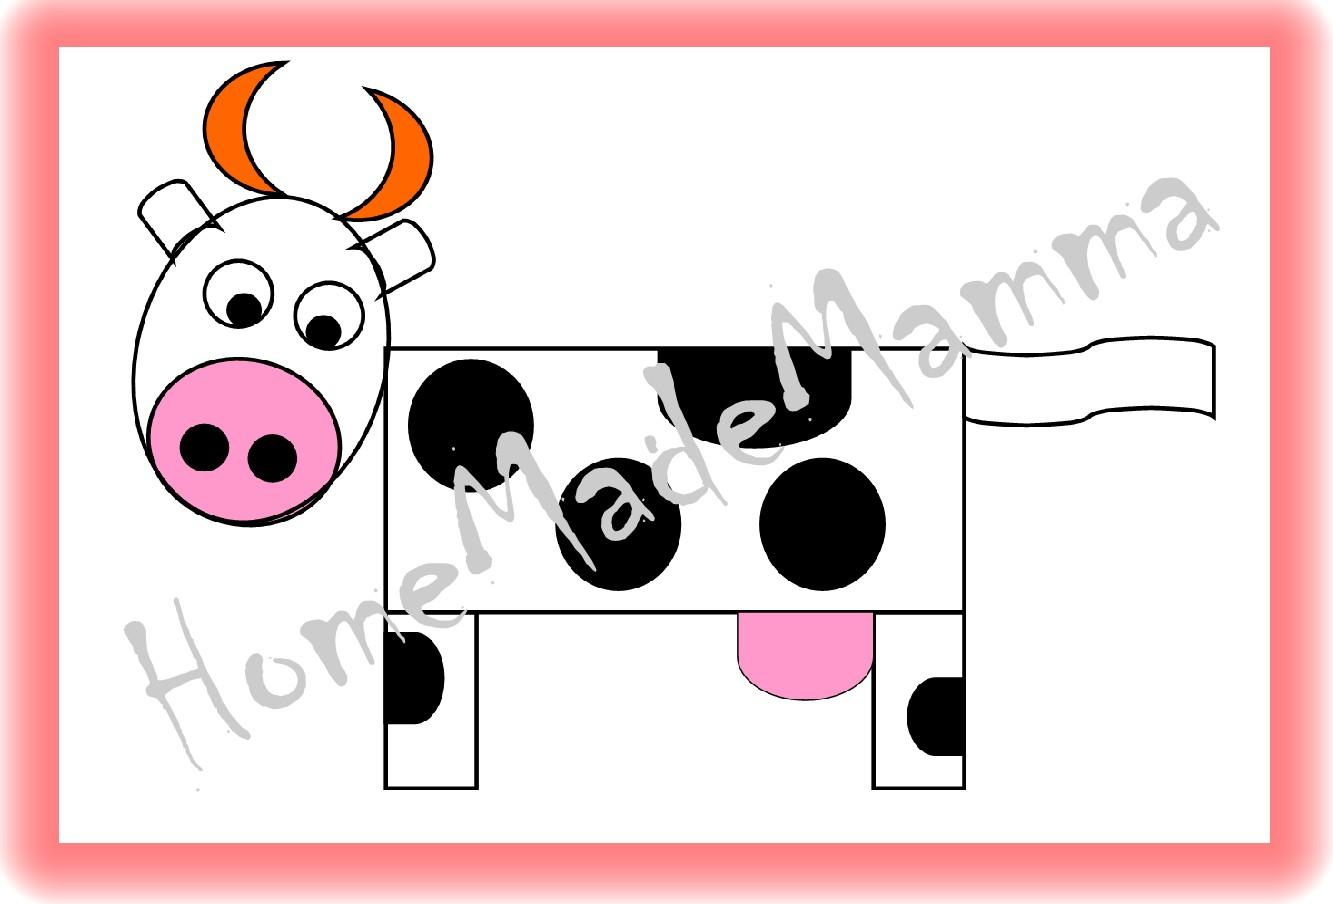 La fattoria creare animali con forme geometriche e sagome - Immagini di animali dello zoo per bambini ...